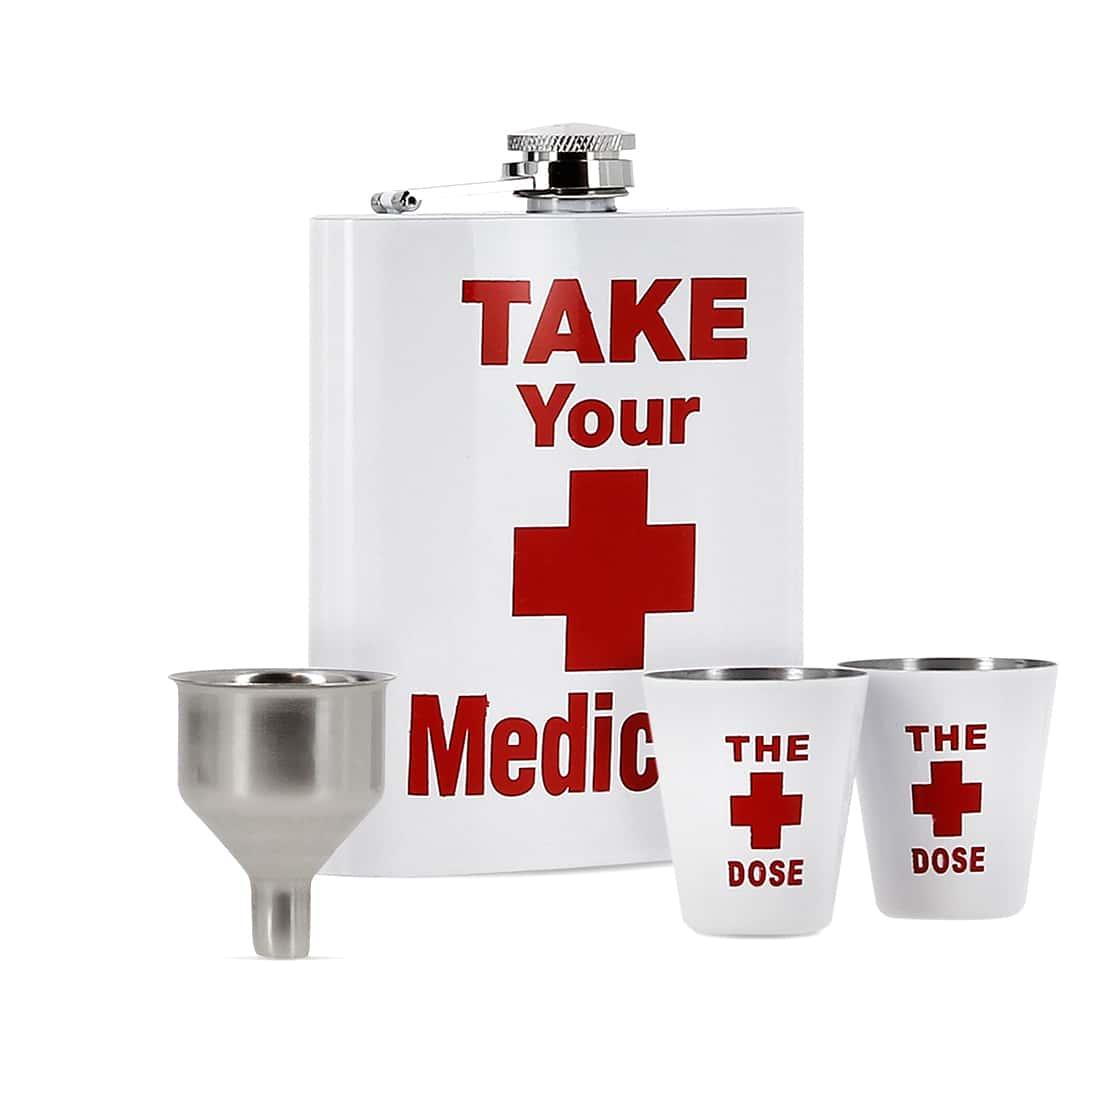 Photo de Coffret Flasque Alcool Take Your Medicine